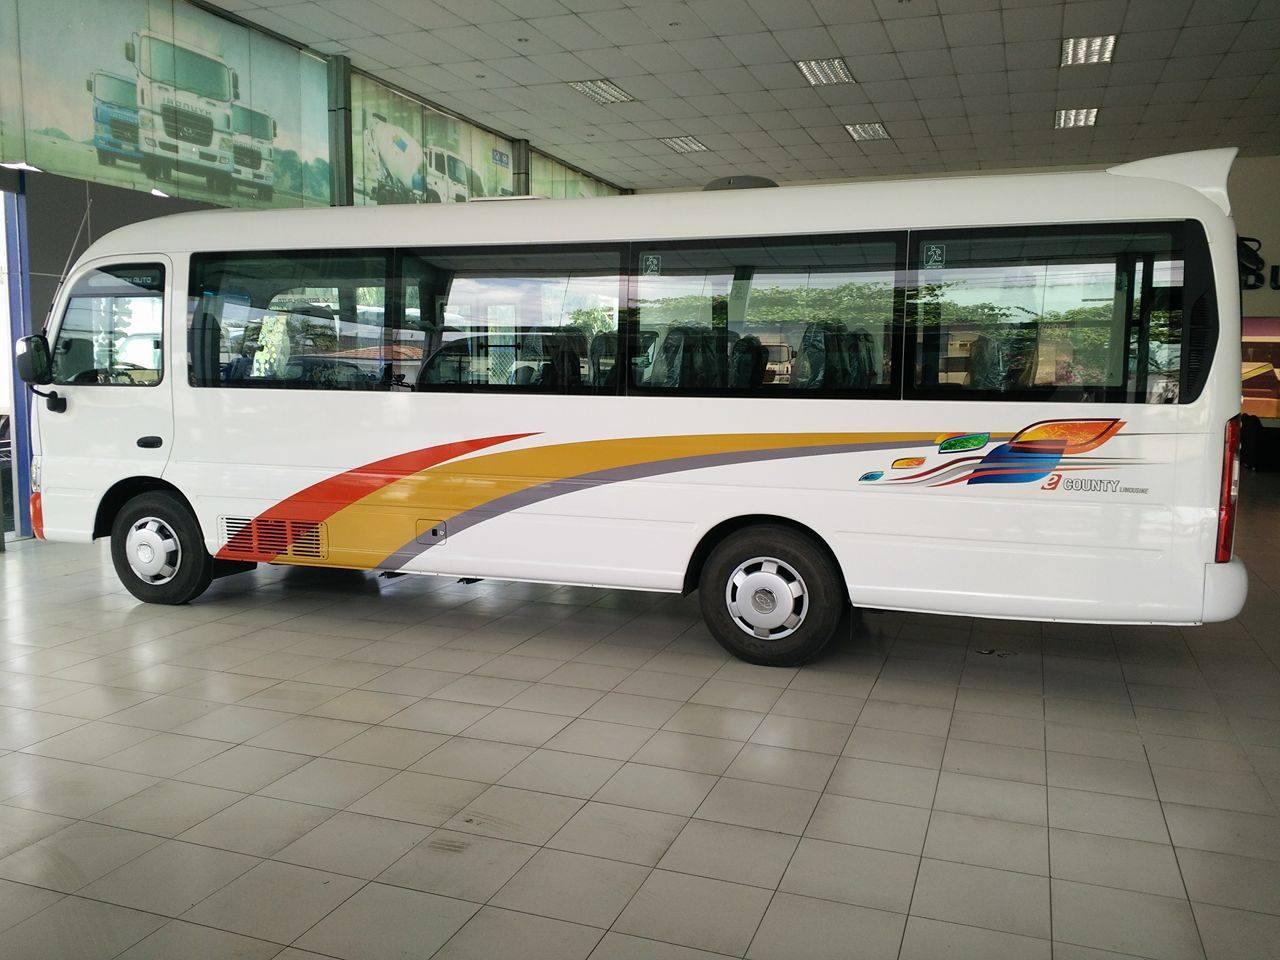 xe-khach-29-cho-hyundai Báo giá xe khách 29 chỗ Hyundai Cuonty XL thân dài nhập khẩu 3 cục Đô Thành | Hyundai Phú Lâm